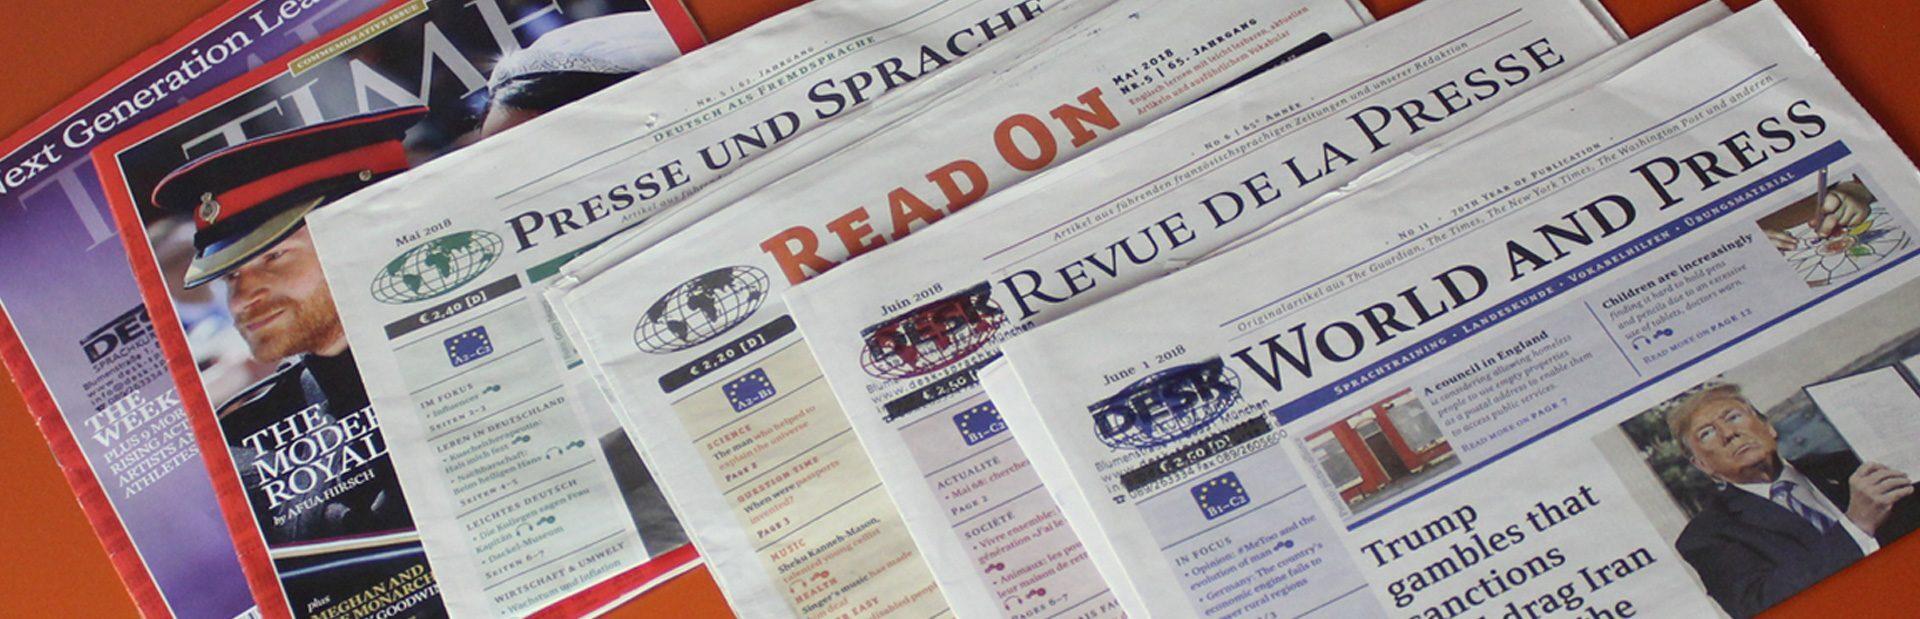 DESK Sprachkurse, Sprachzeitungen für den Unterricht